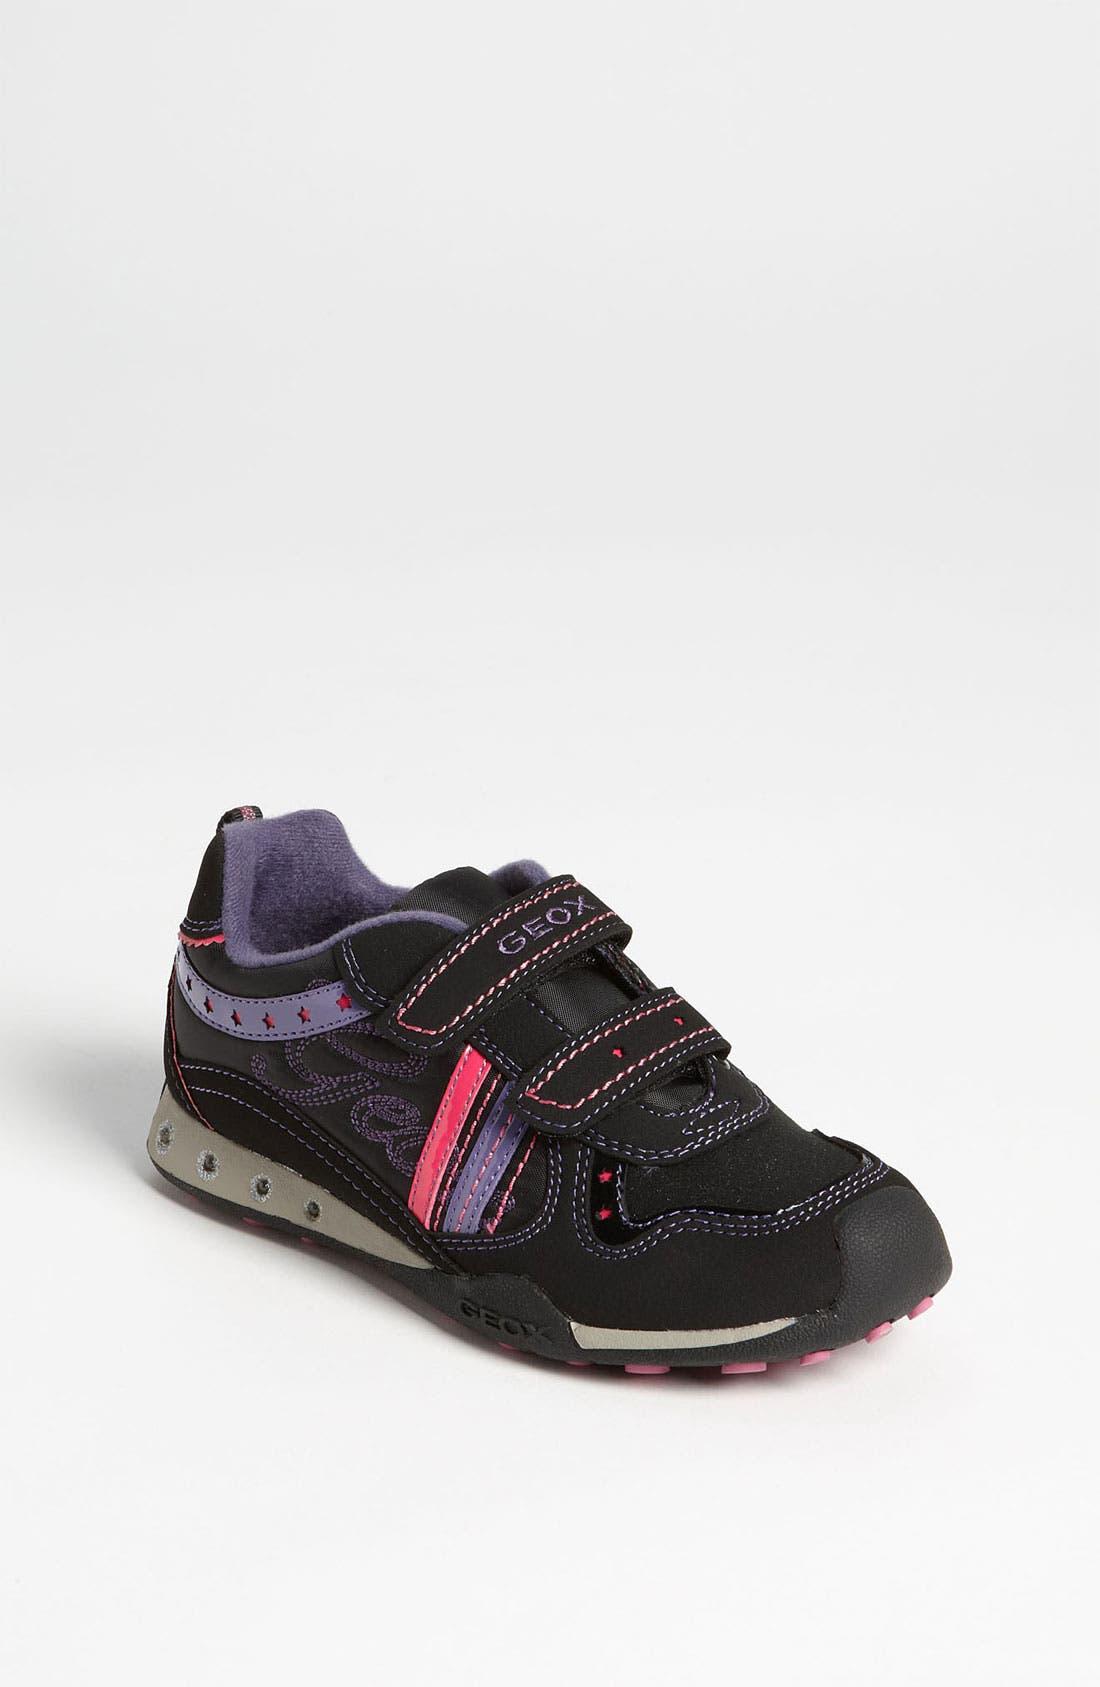 Main Image - Geox 'Jocker Girl' Sneaker (Toddler & Little Kid)